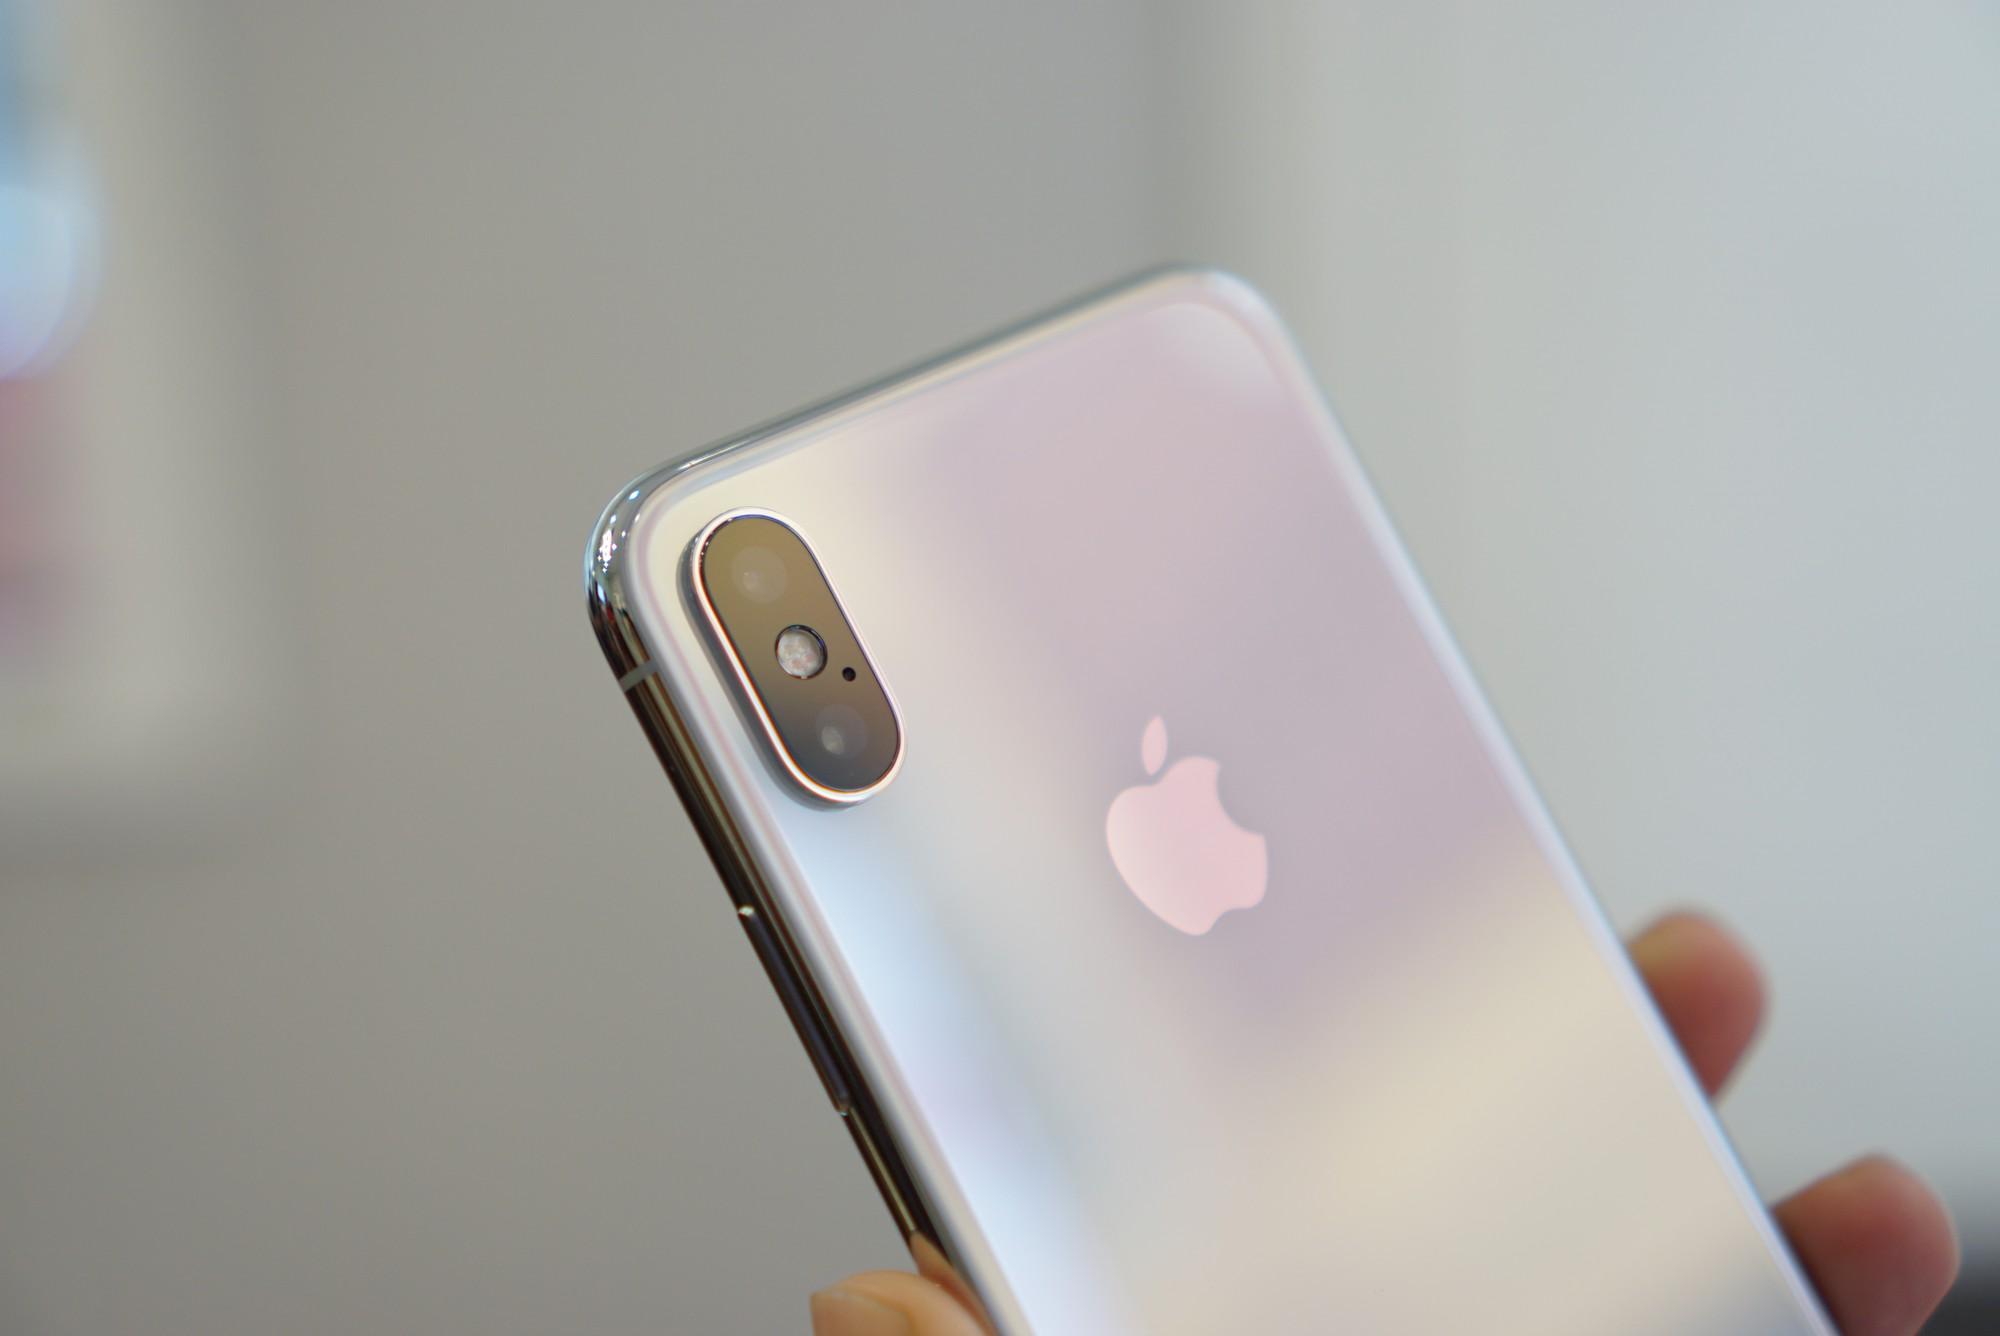 iPhone X giá 68 triệu đây rồi: Màn hình đẹp sắc sảo, thiết kế toàn diện, thao tác hoàn toàn mới - Ảnh 21.